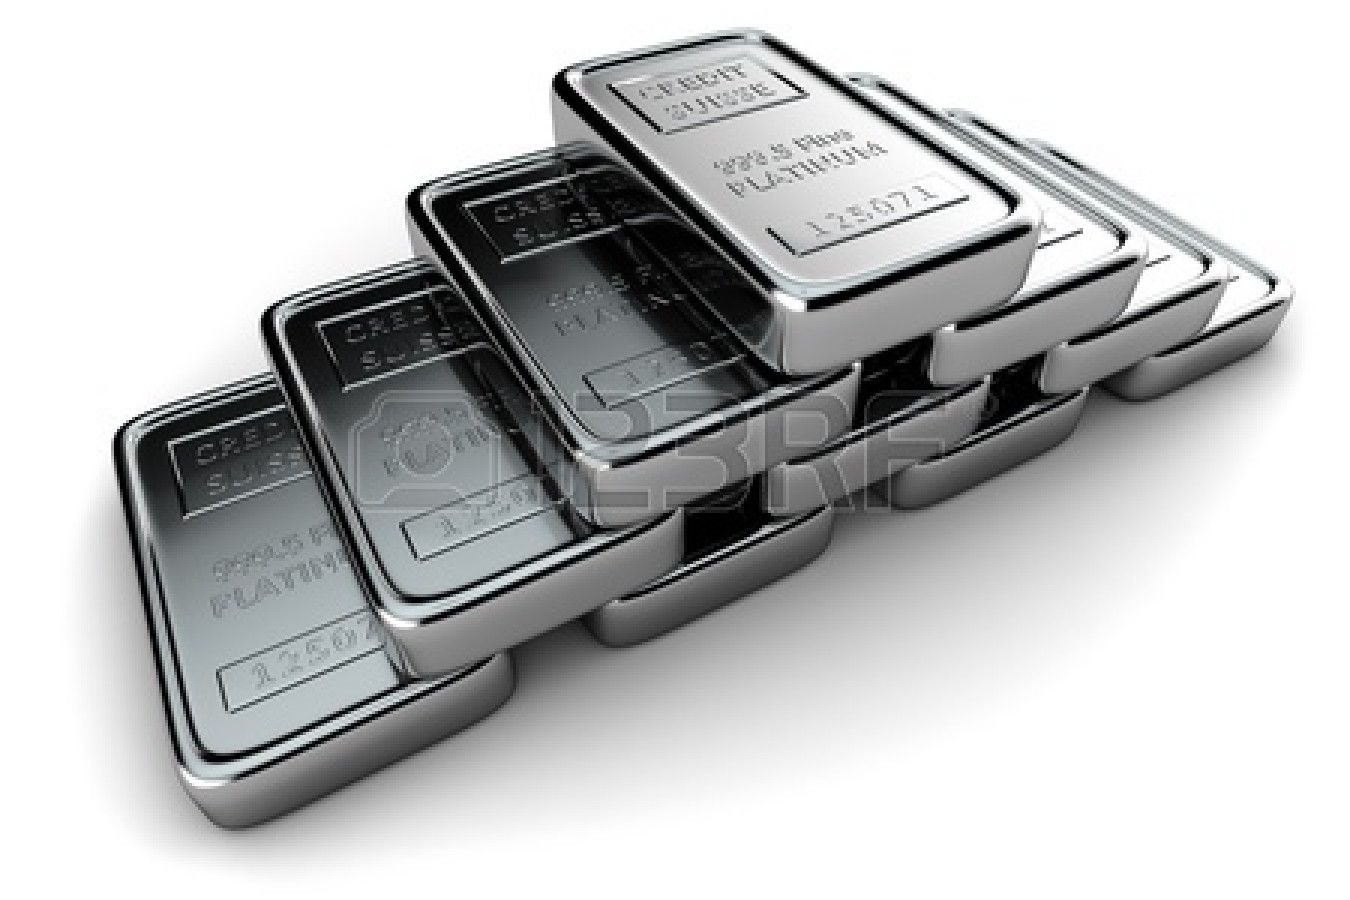 La tela de ara a del precio de la plata - Cuberterias de plata precios ...